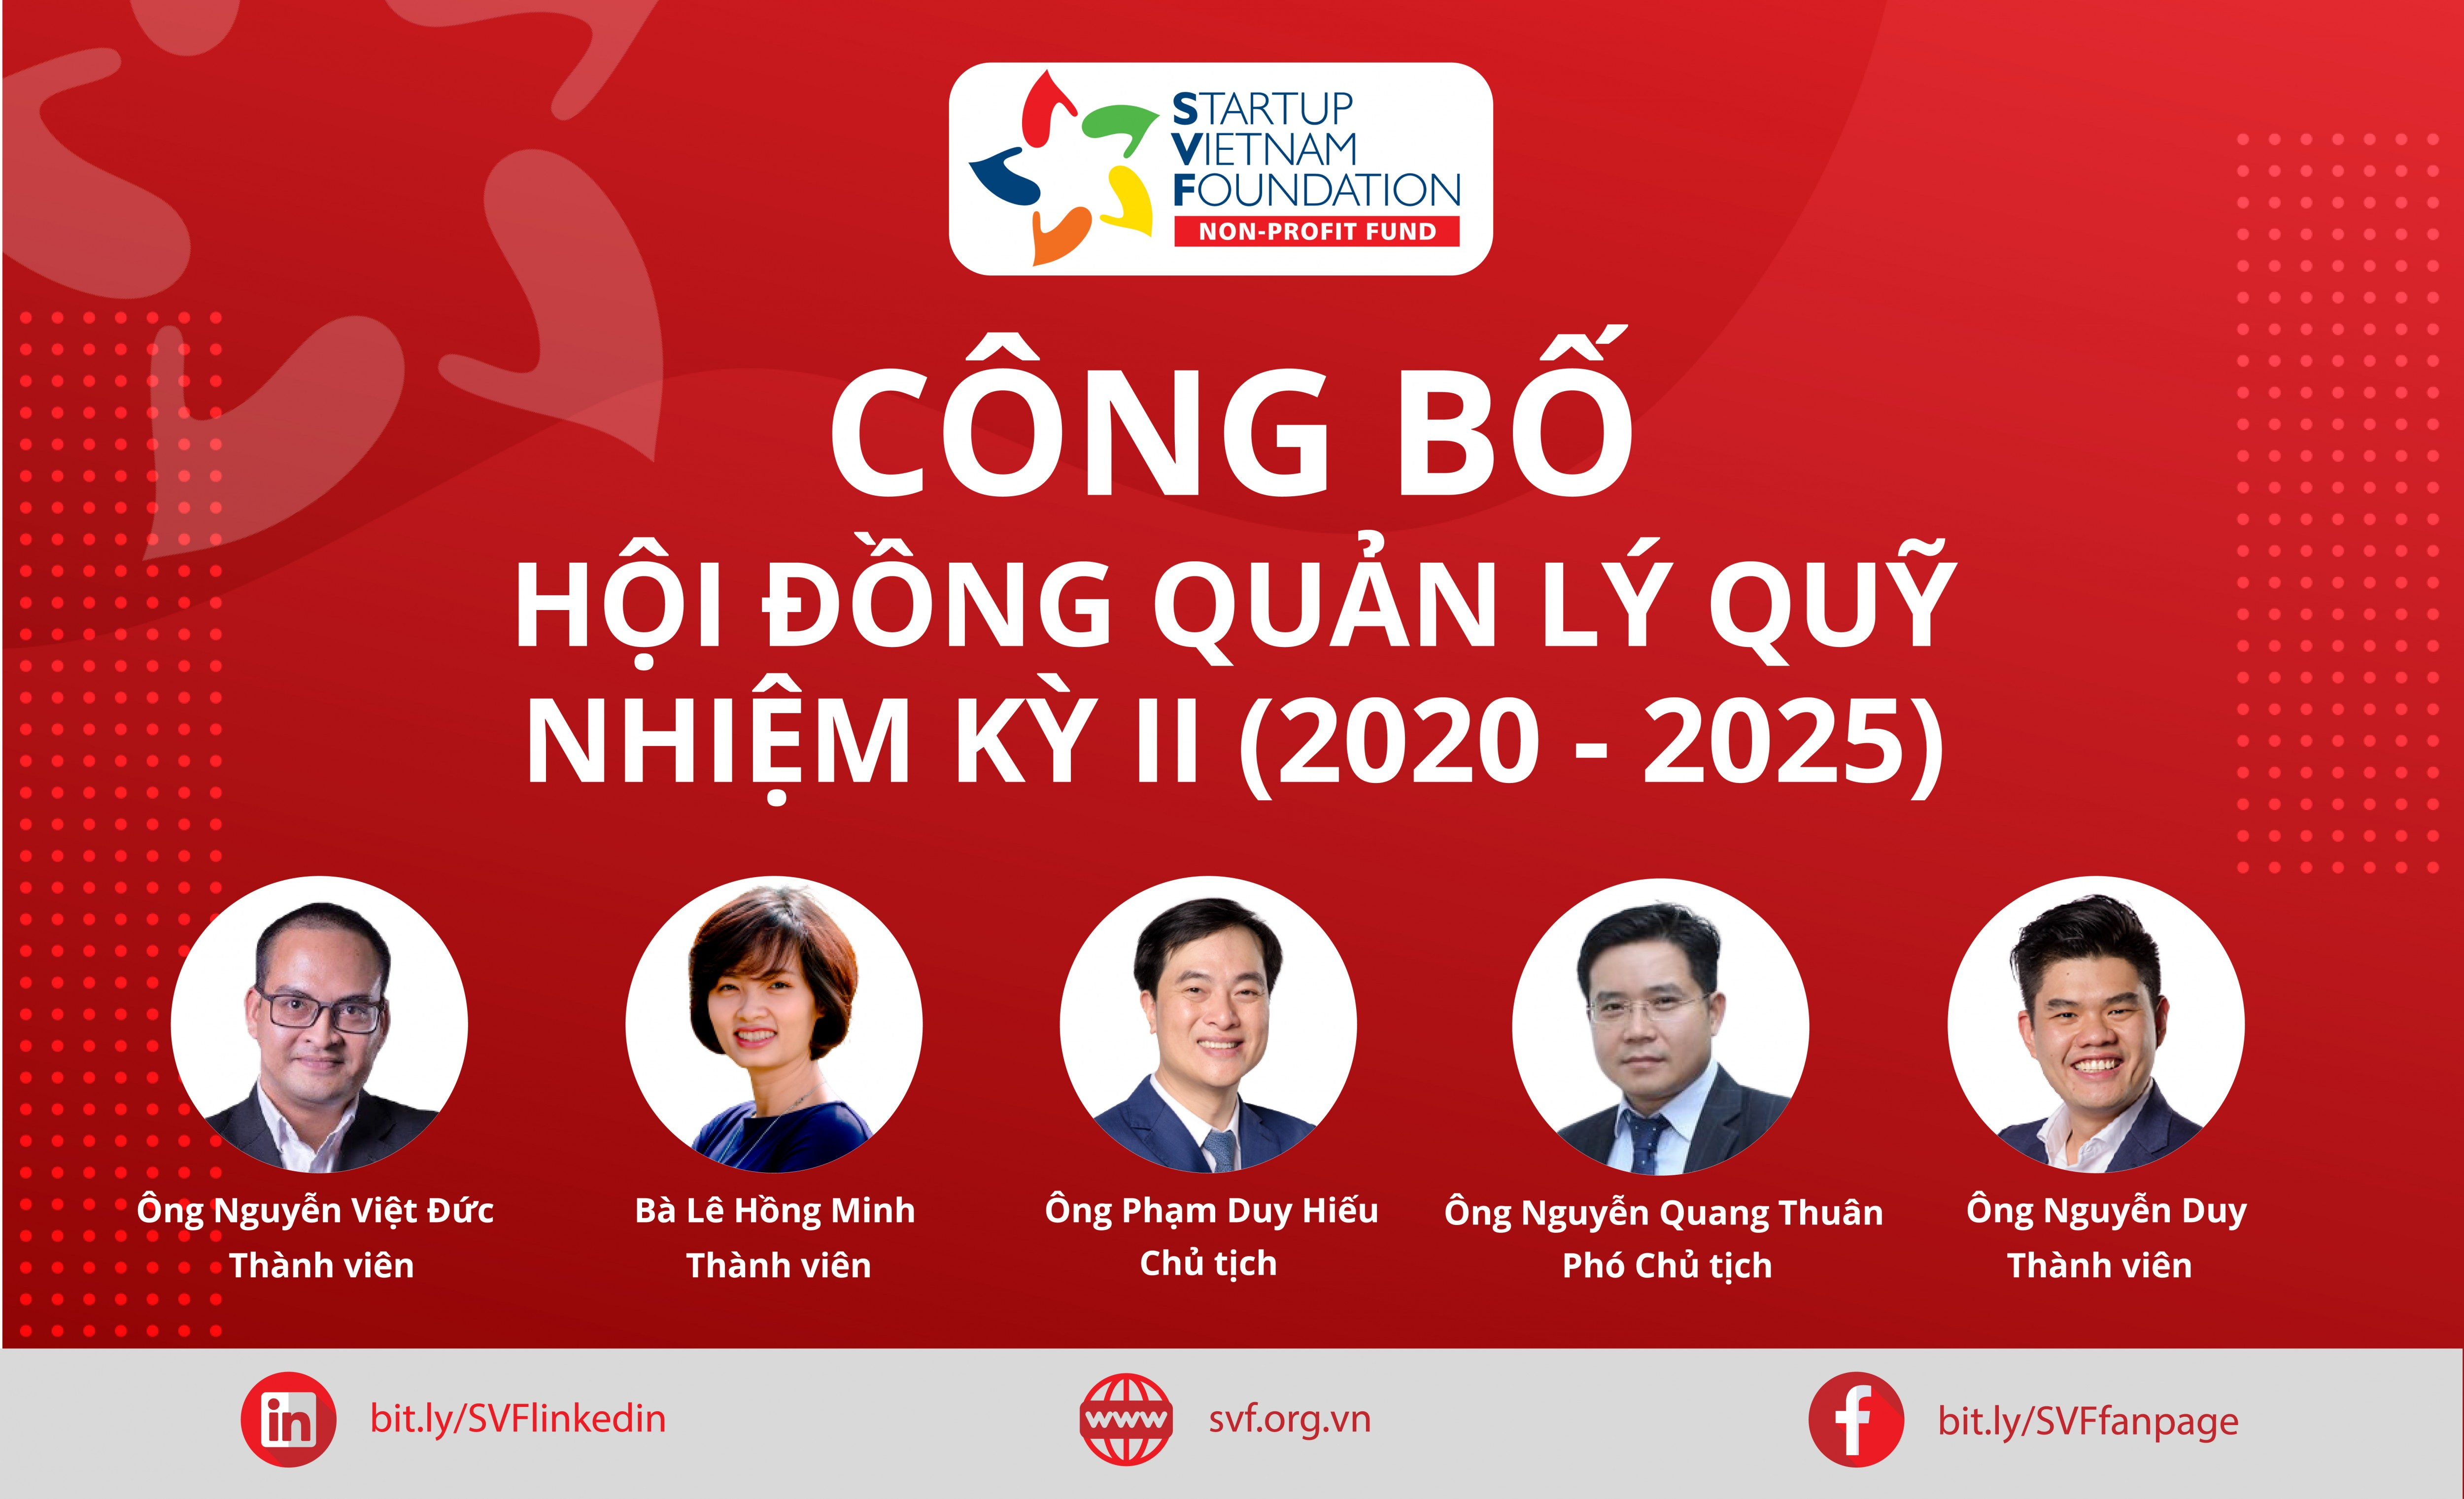 CÔNG BỐ HỘI ĐỒNG QUẢN LÝ QUỸ NHIỆM KỲ 2020-2025 VÀ BỔ NHIỆM GIÁM ĐỐC VẬN HÀNH STARTUP VIETNAM FOUNDATION